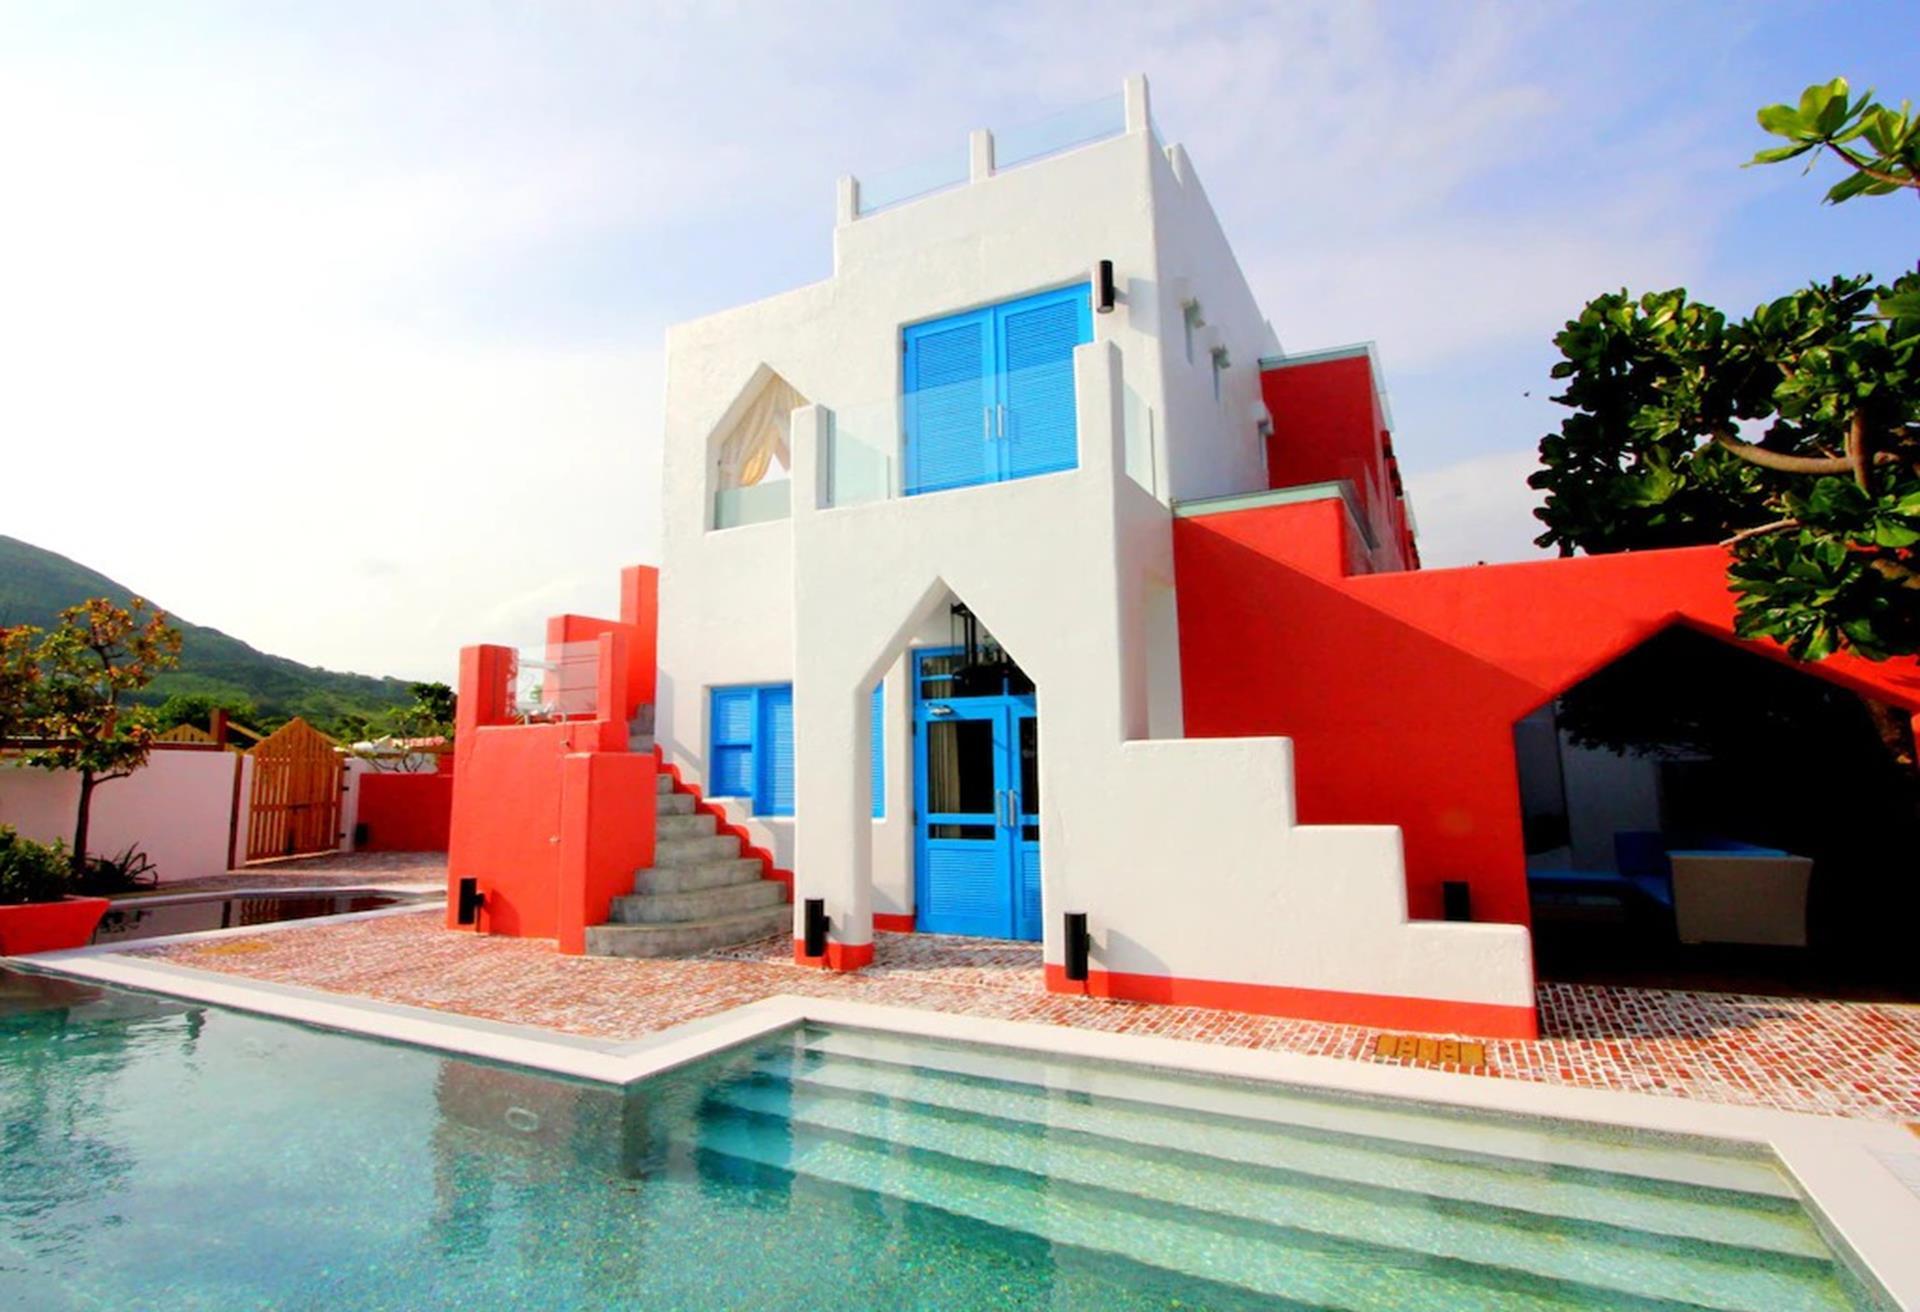 船帆石866 Villa,墾丁包棟住宿,墾丁包棟住宿推薦,墾丁包棟泳池,墾丁包棟 villa